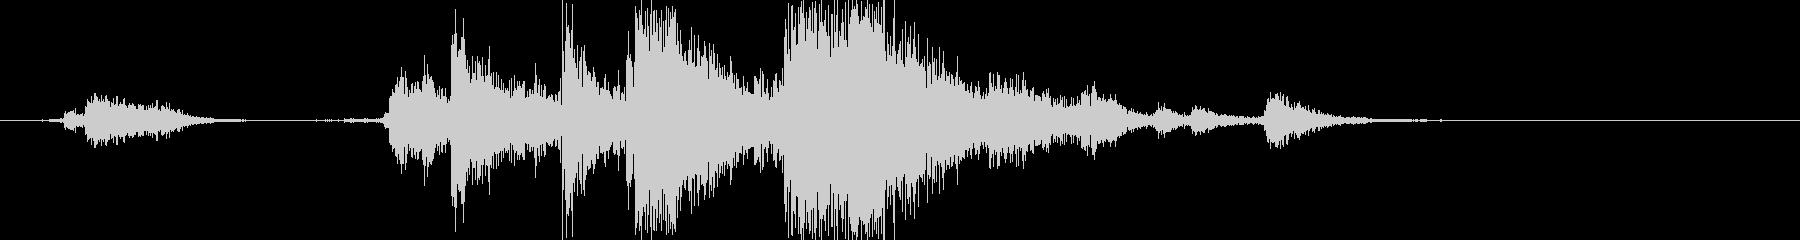 ガシャン(カトラリーをまとめて下す音)Aの未再生の波形